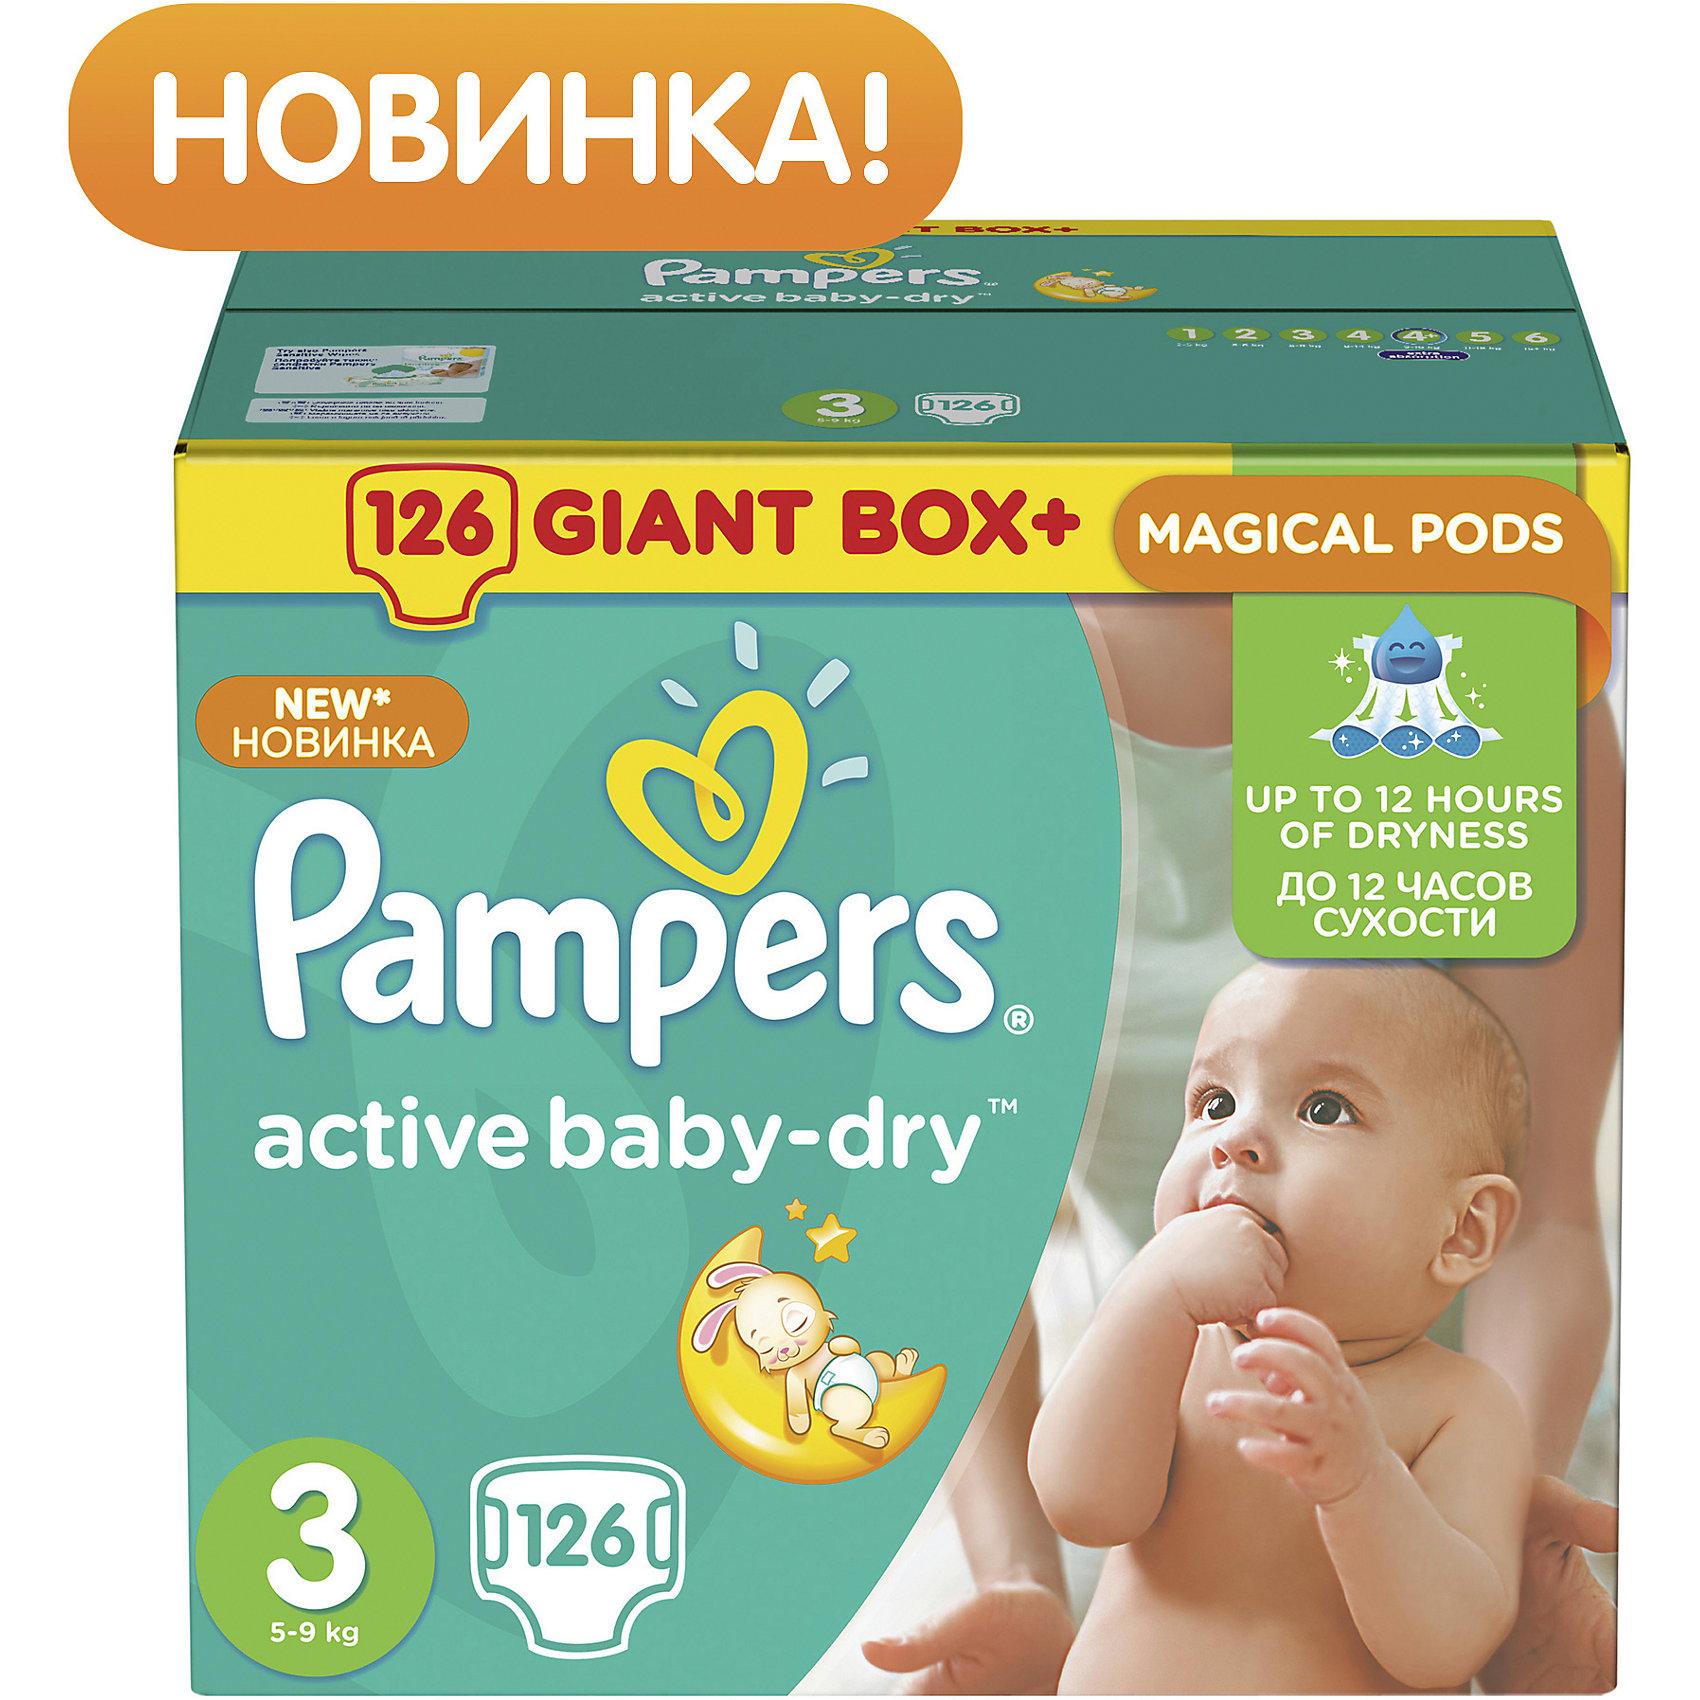 Подгузники Pampers Active Baby-Dry, 5-9 кг, 3 размер, 126 шт., PampersТрусики-подгузники 5-12 кг.<br>Характеристики:<br><br>• Пол: универсальный<br>• Тип подгузника: одноразовый<br>• Коллекция: Active Baby-Dry<br>• Предназначение: для использования в любое время суток <br>• Размер: 3<br>• Вес ребенка: от 5 до 9 кг<br>• Количество в упаковке: 126 шт.<br>• Упаковка: картонная коробка<br>• Размер упаковки: 36*22*34,7 см<br>• Вес в упаковке: 3 кг 612 г<br>• Эластичные застежки-липучки<br>• Быстро впитывающий слой<br>• Мягкий верхний слой<br>• Сохранение сухости в течение 12-ти часов<br><br>Подгузники Pampers Active Baby-Dry, 5-9 кг, 3 размер, 126 шт., Pampers – это линейка классических детских подгузников от Pampers, которая сочетает в себе качество и безопасность материалов, удобство использования и комфорт для нежной кожи малыша. Подгузники предназначены для младенцев весом до 9 кг. Инновационные технологии и современные материалы обеспечивают этим подгузникам Дышащие свойства, что особенно важно для кожи малыша. <br><br>Впитывающие свойства изделию обеспечивает уникальный слой, состоящий из жемчужных микрогранул. У подгузников предусмотрена эластичная мягкая резиночка на спинке. Широкие липучки с двух сторон обеспечивают надежную фиксацию. Подгузник имеет мягкий верхний слой, который обеспечивает не только комфорт, но и защищает кожу ребенка от раздражений. Подгузник подходит как для мальчиков, так и для девочек. <br><br>Подгузники Pampers Active Baby-Dry, 5-9 кг, 3 размер, 126 шт., Pampers можно купить в нашем интернет-магазине.<br><br>Ширина мм: 360<br>Глубина мм: 220<br>Высота мм: 347<br>Вес г: 3612<br>Возраст от месяцев: 3<br>Возраст до месяцев: 12<br>Пол: Унисекс<br>Возраст: Детский<br>SKU: 5419084